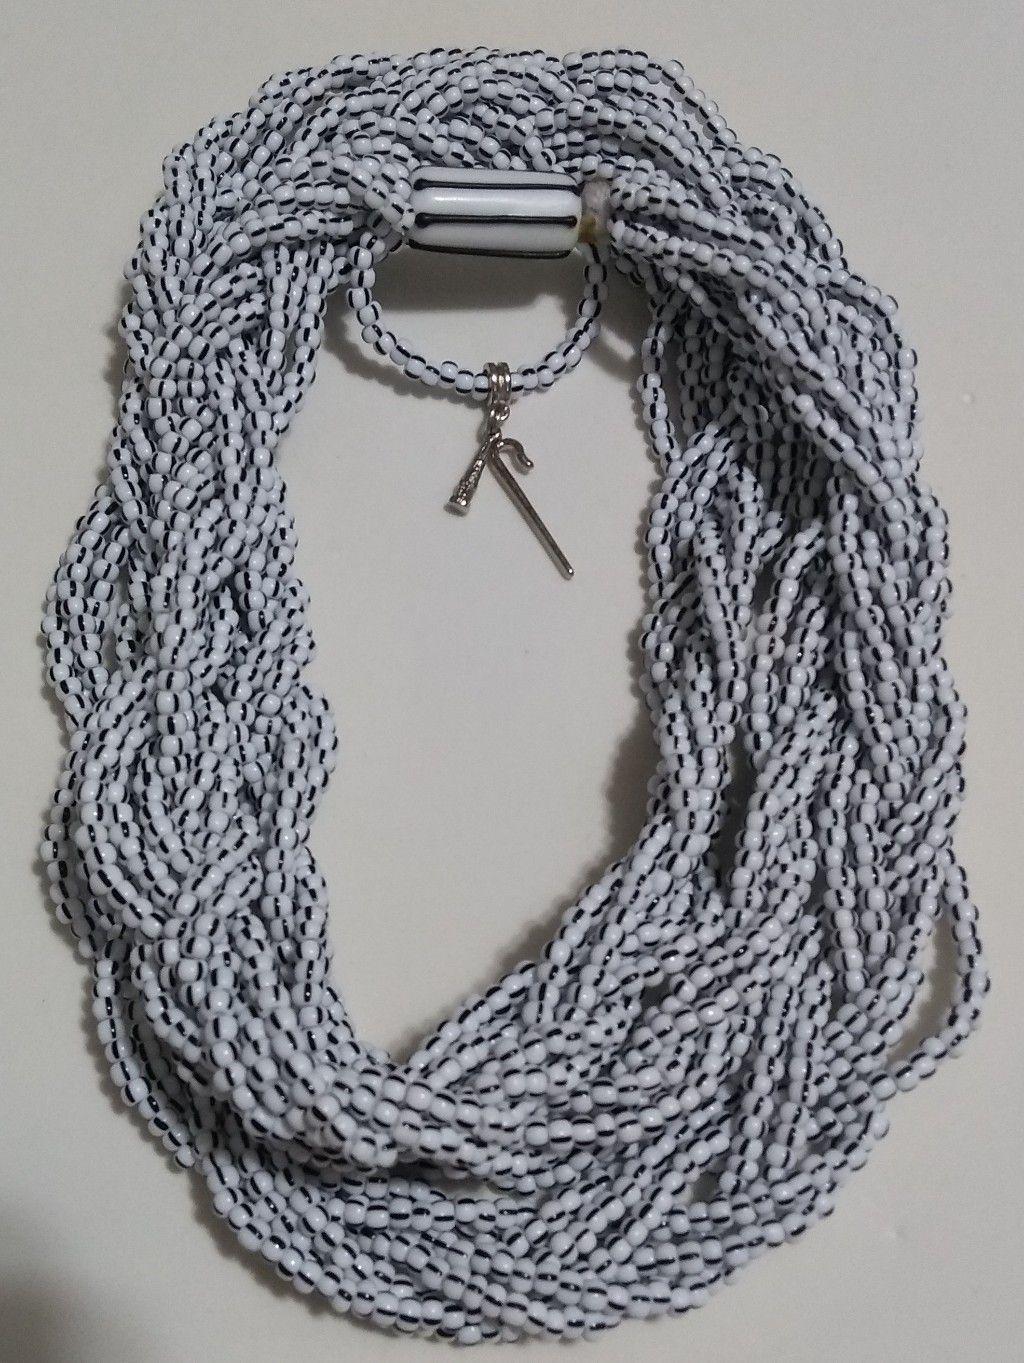 Brajá com 7 fios trançados - miçanga importada branca rajada de preto